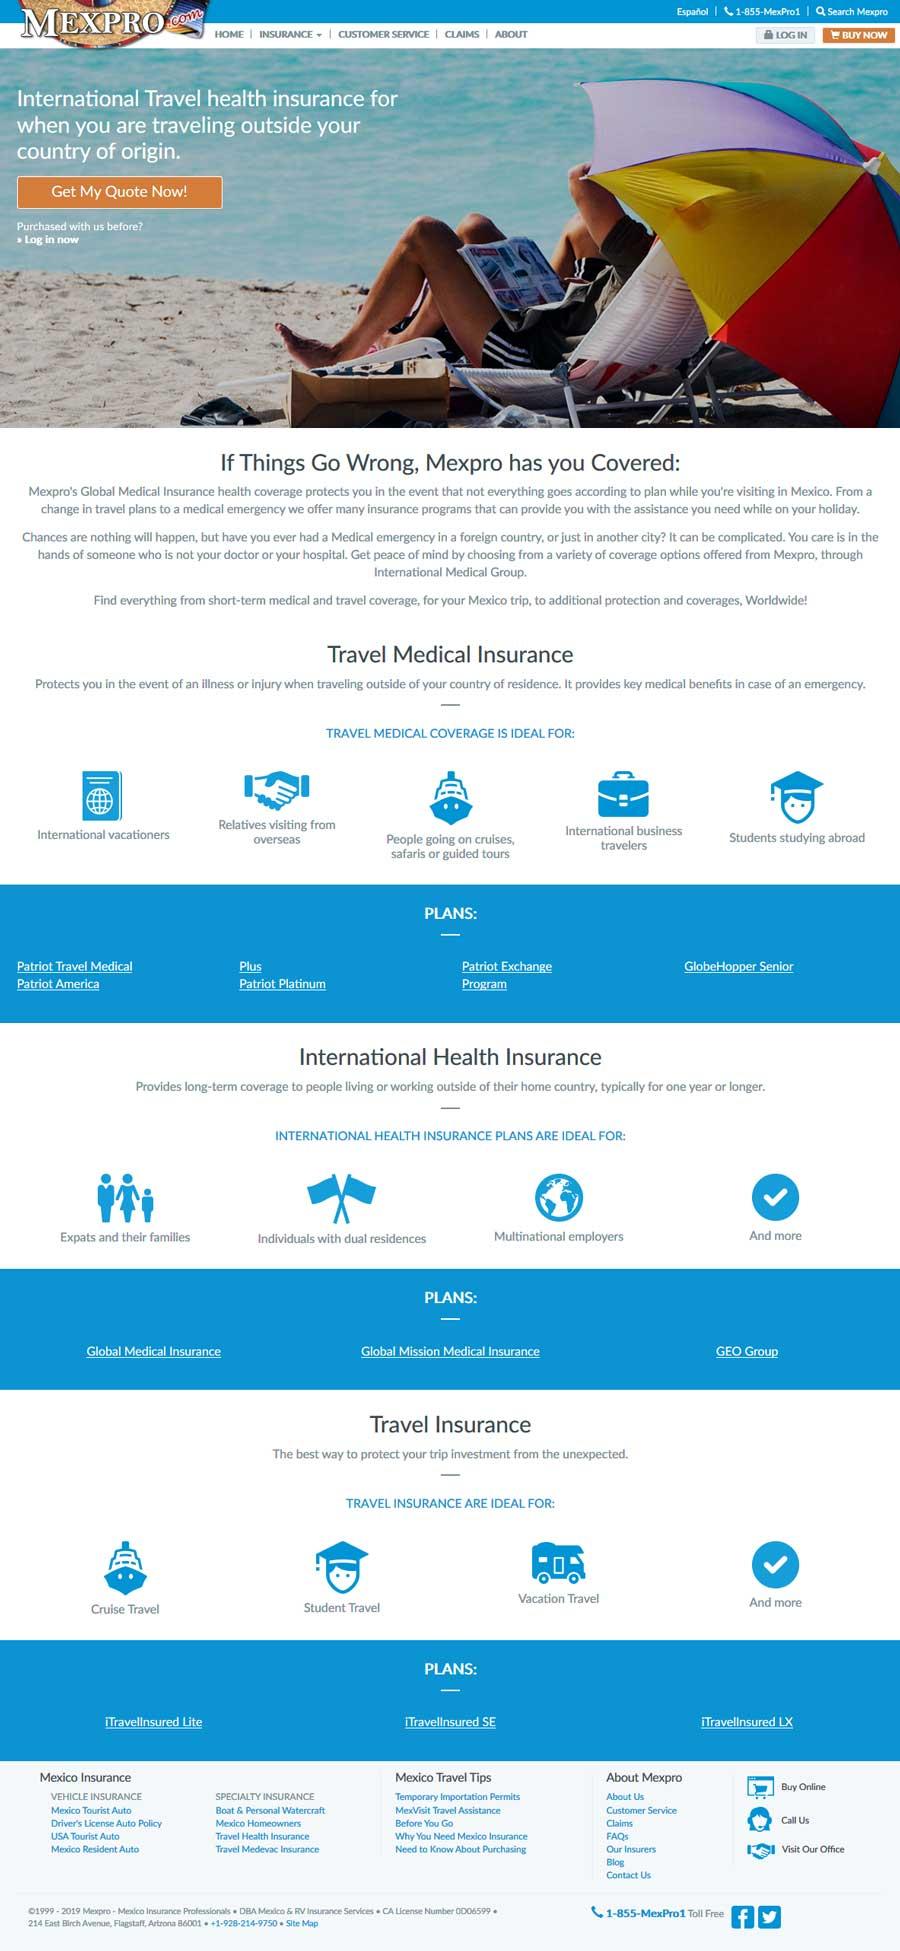 MexPro Travel Health Insurance international or Rocky Point Mexico (Puerto Penasco).